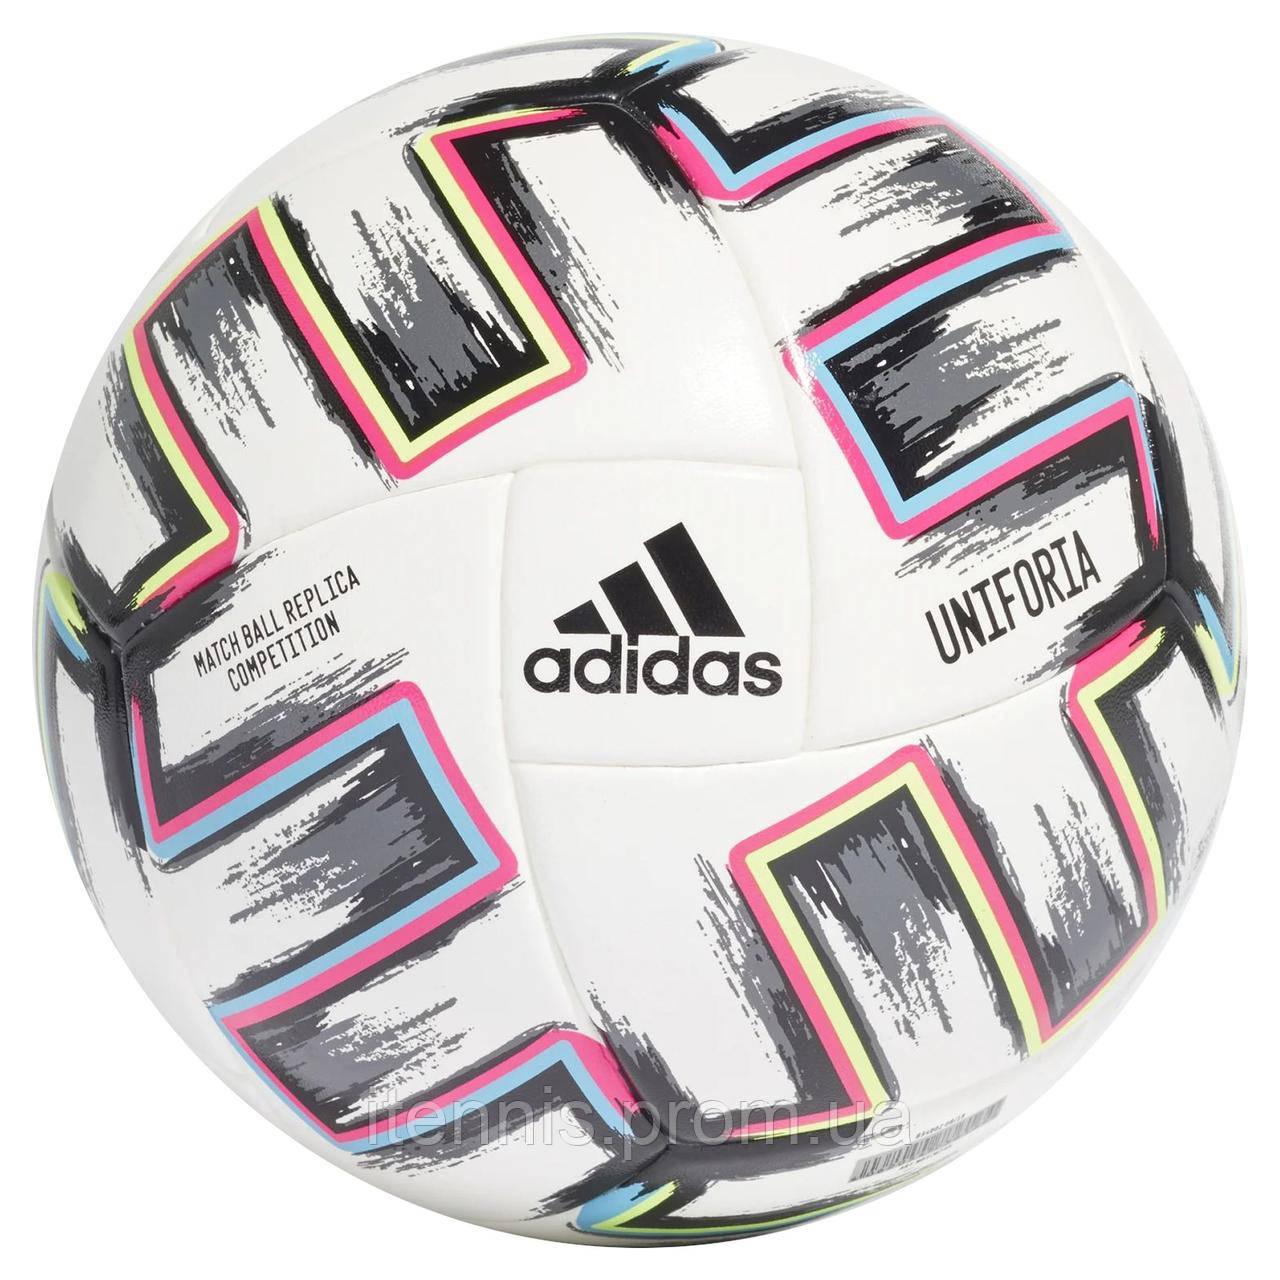 Футбольный мяч Adidas Uniforia Competition Евро-2020 FIFA PRO